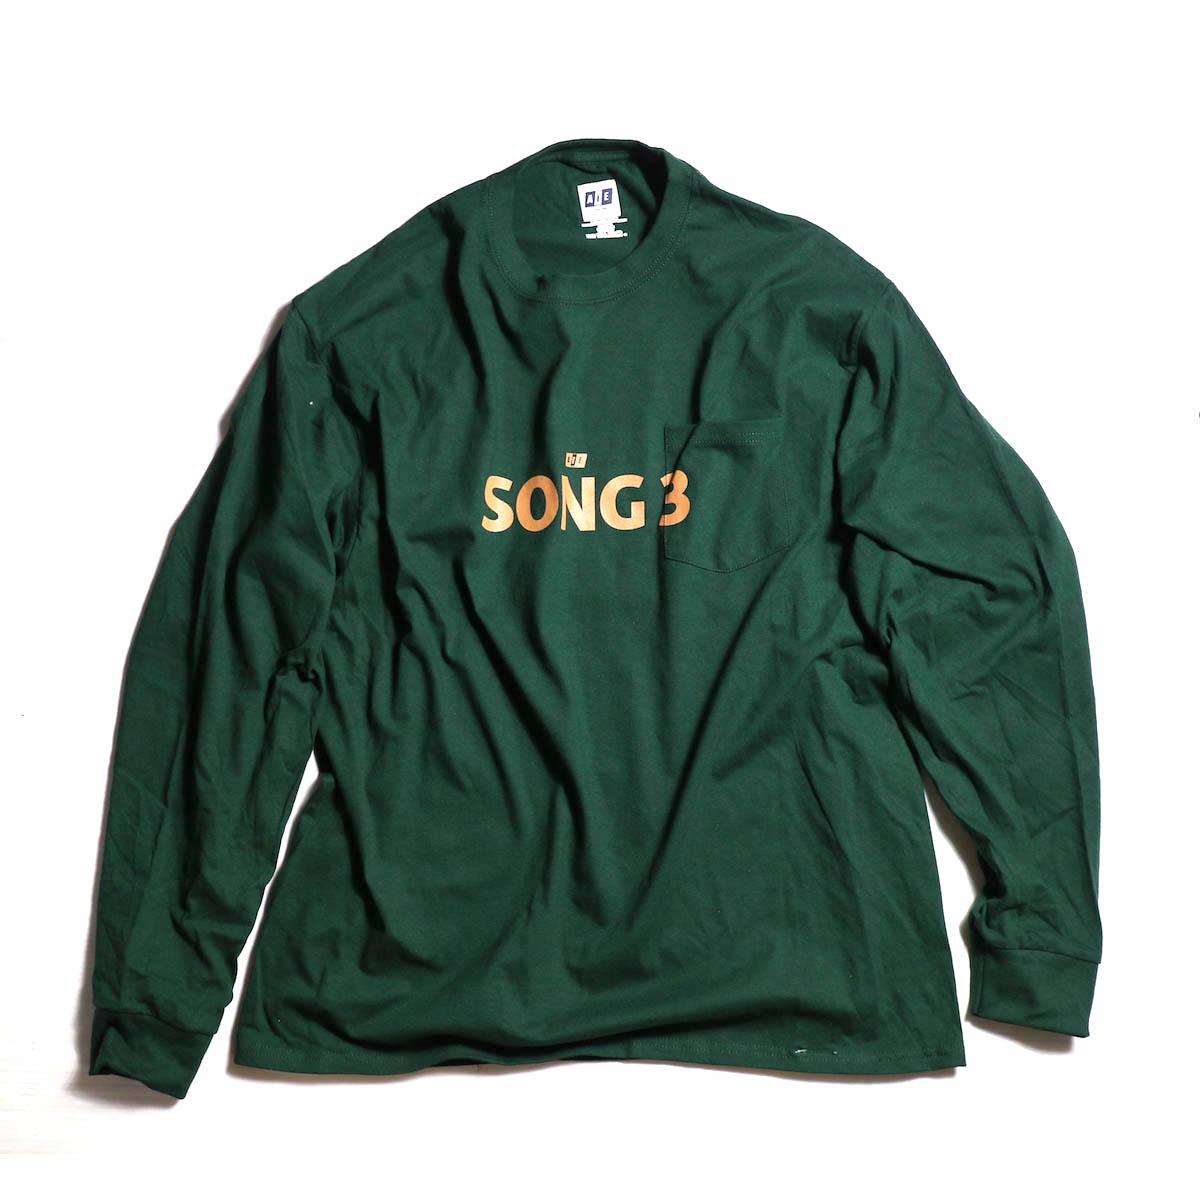 AiE / Big L/S Pocket T-shirt - Song3 -Hunter